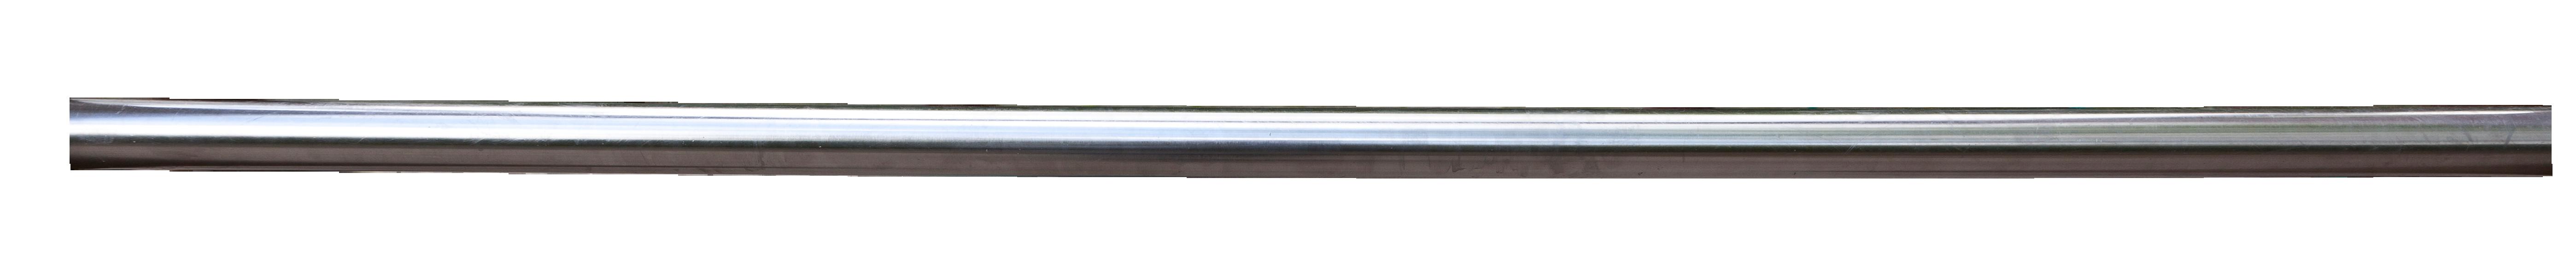 metal rod 2 by pixelmixtur-stocks